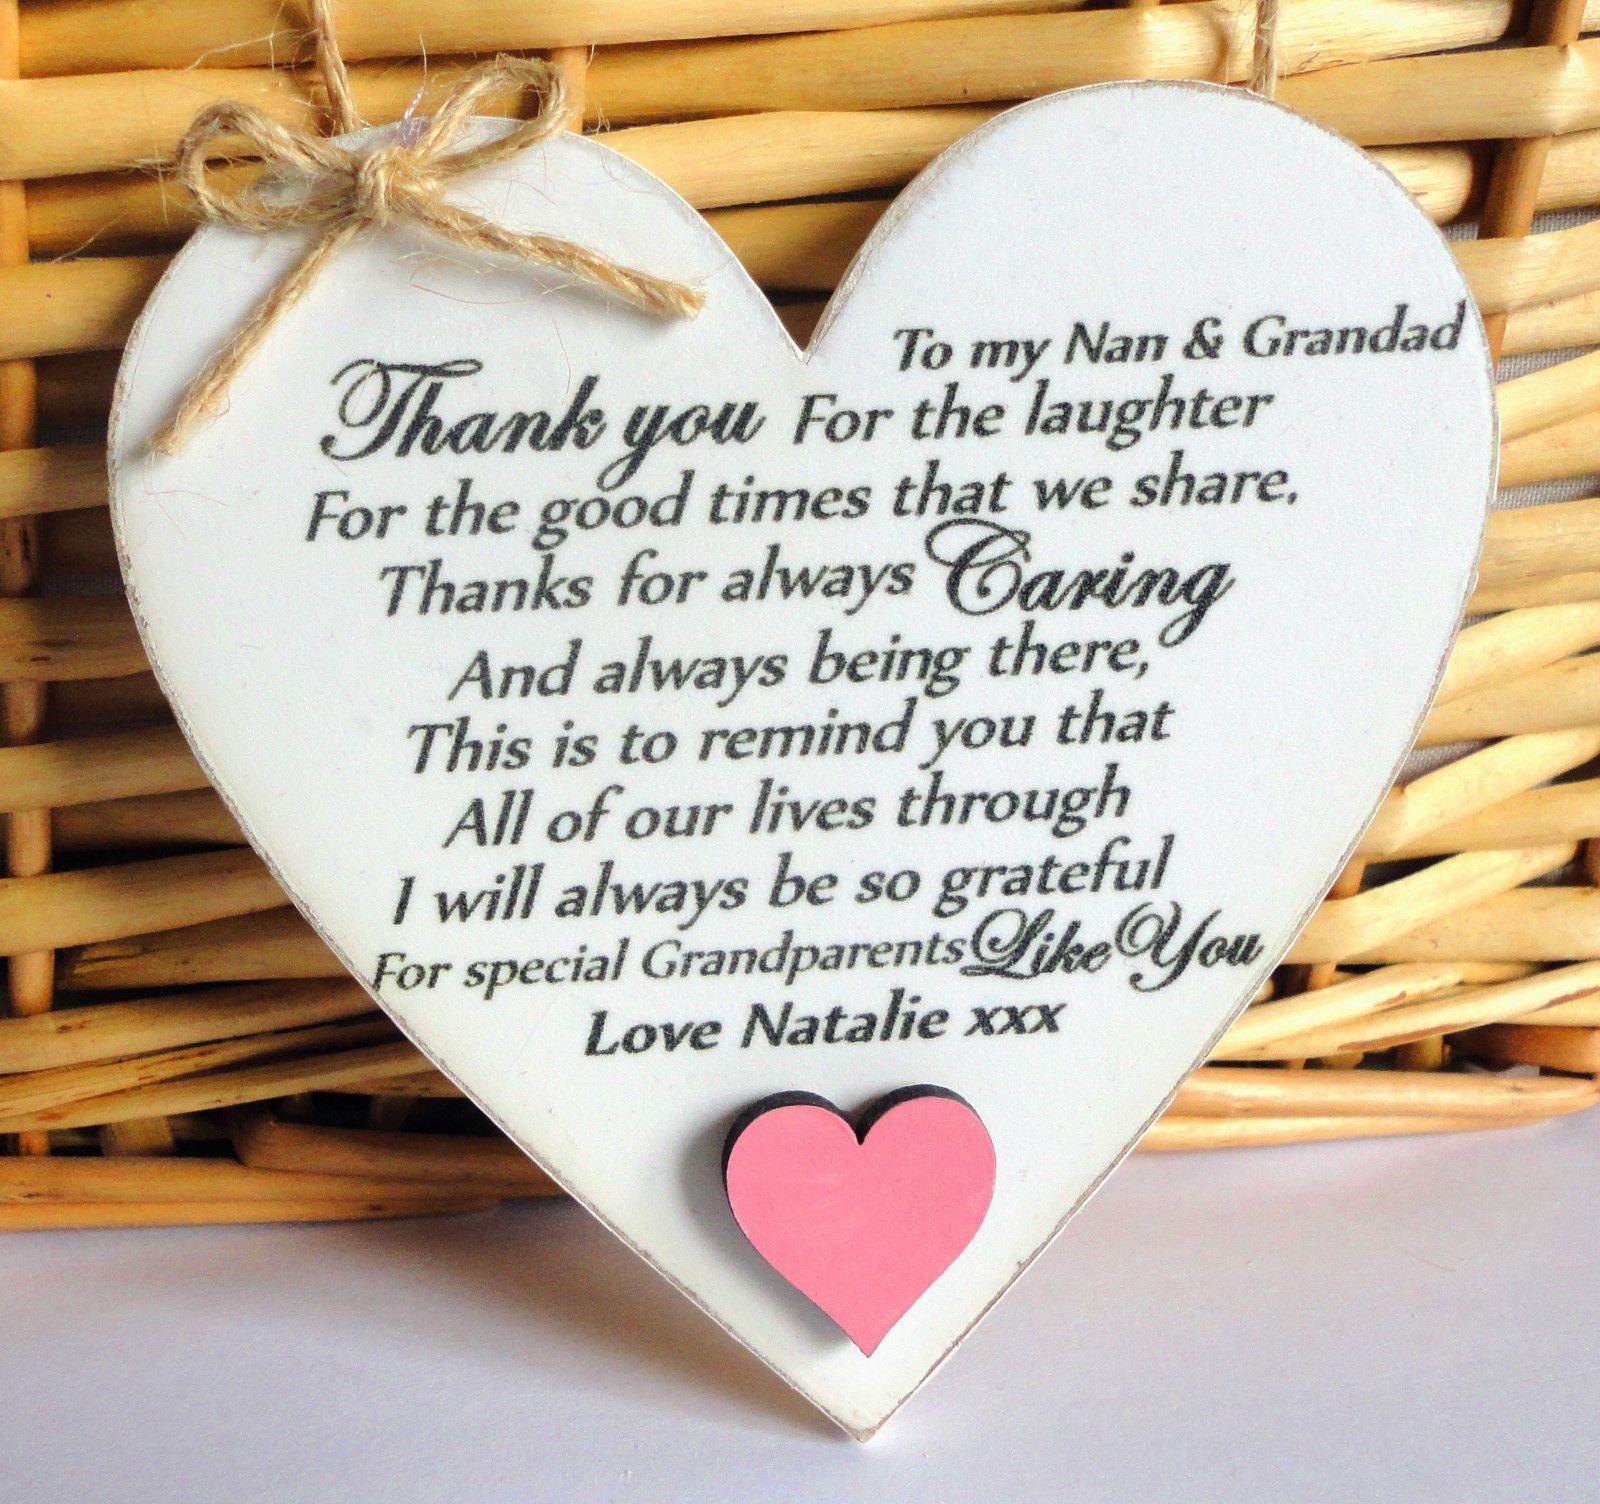 Details About Thank You GRANDPARENTS Plaque NAN GRANDAD